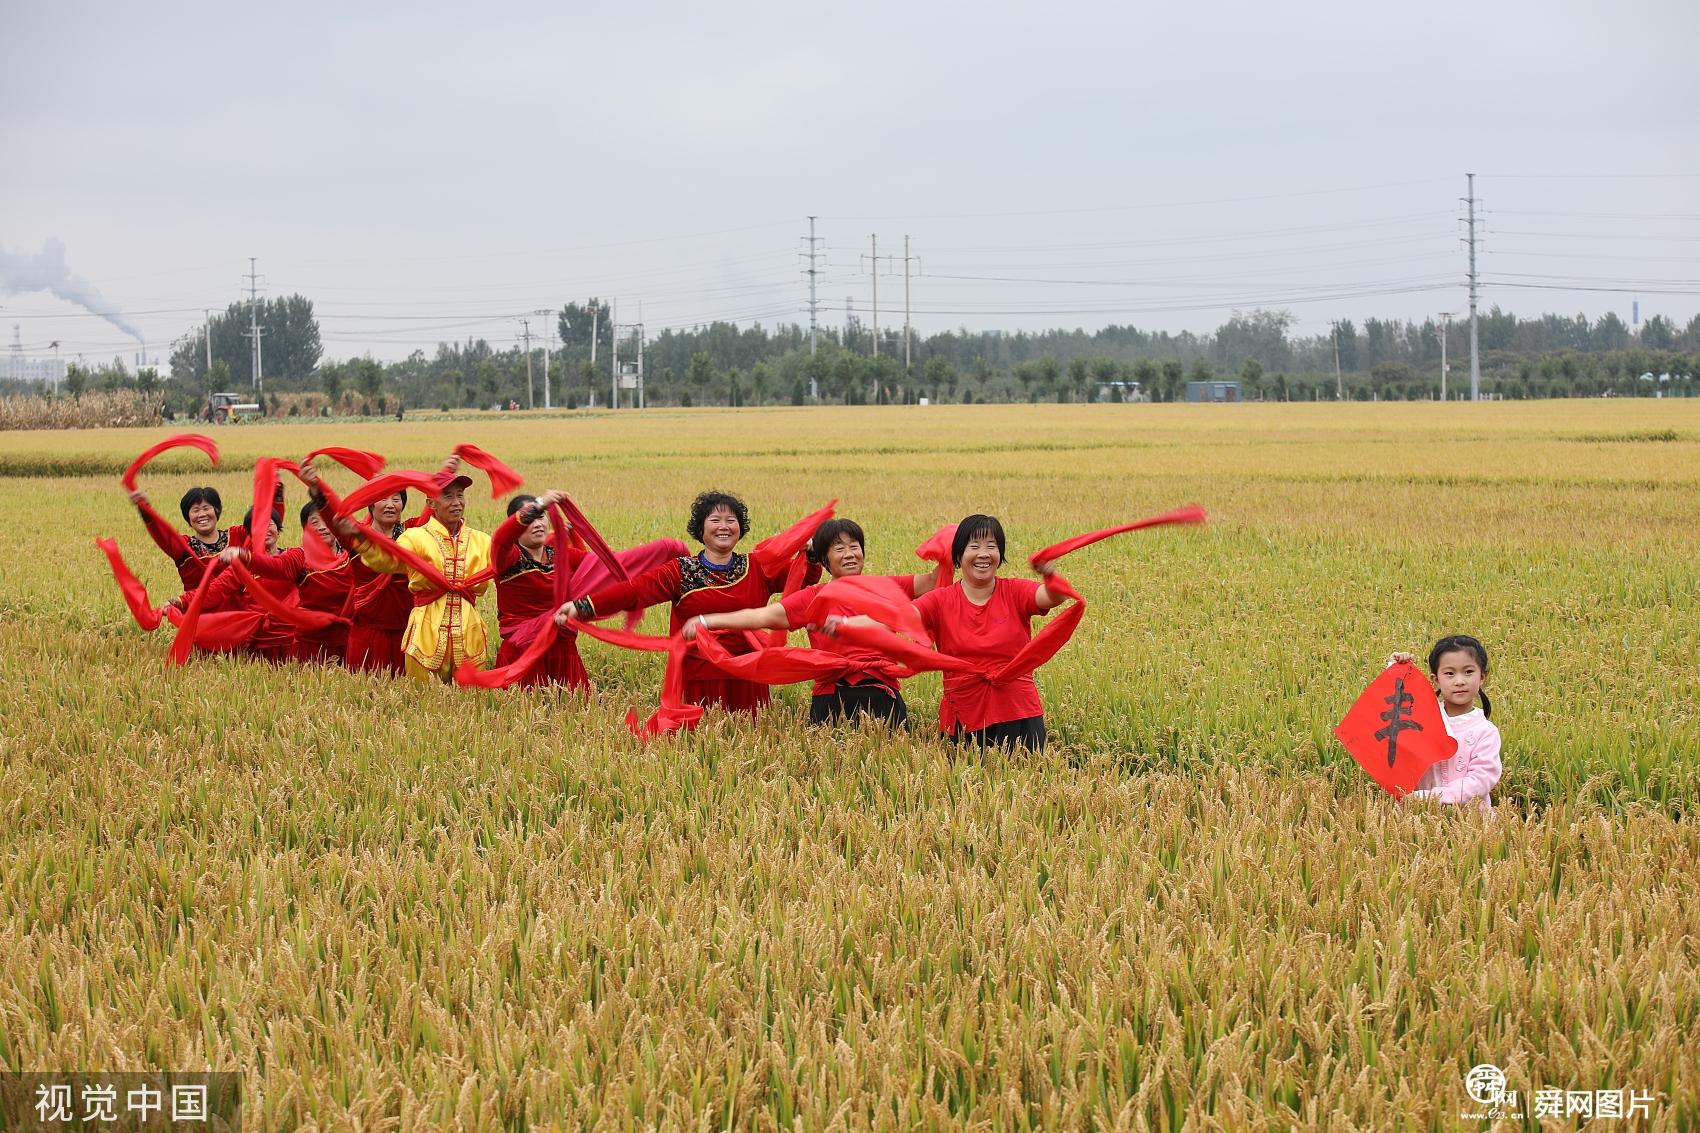 山东日照:水稻大面积进入收割阶段 农民载歌载舞庆丰收